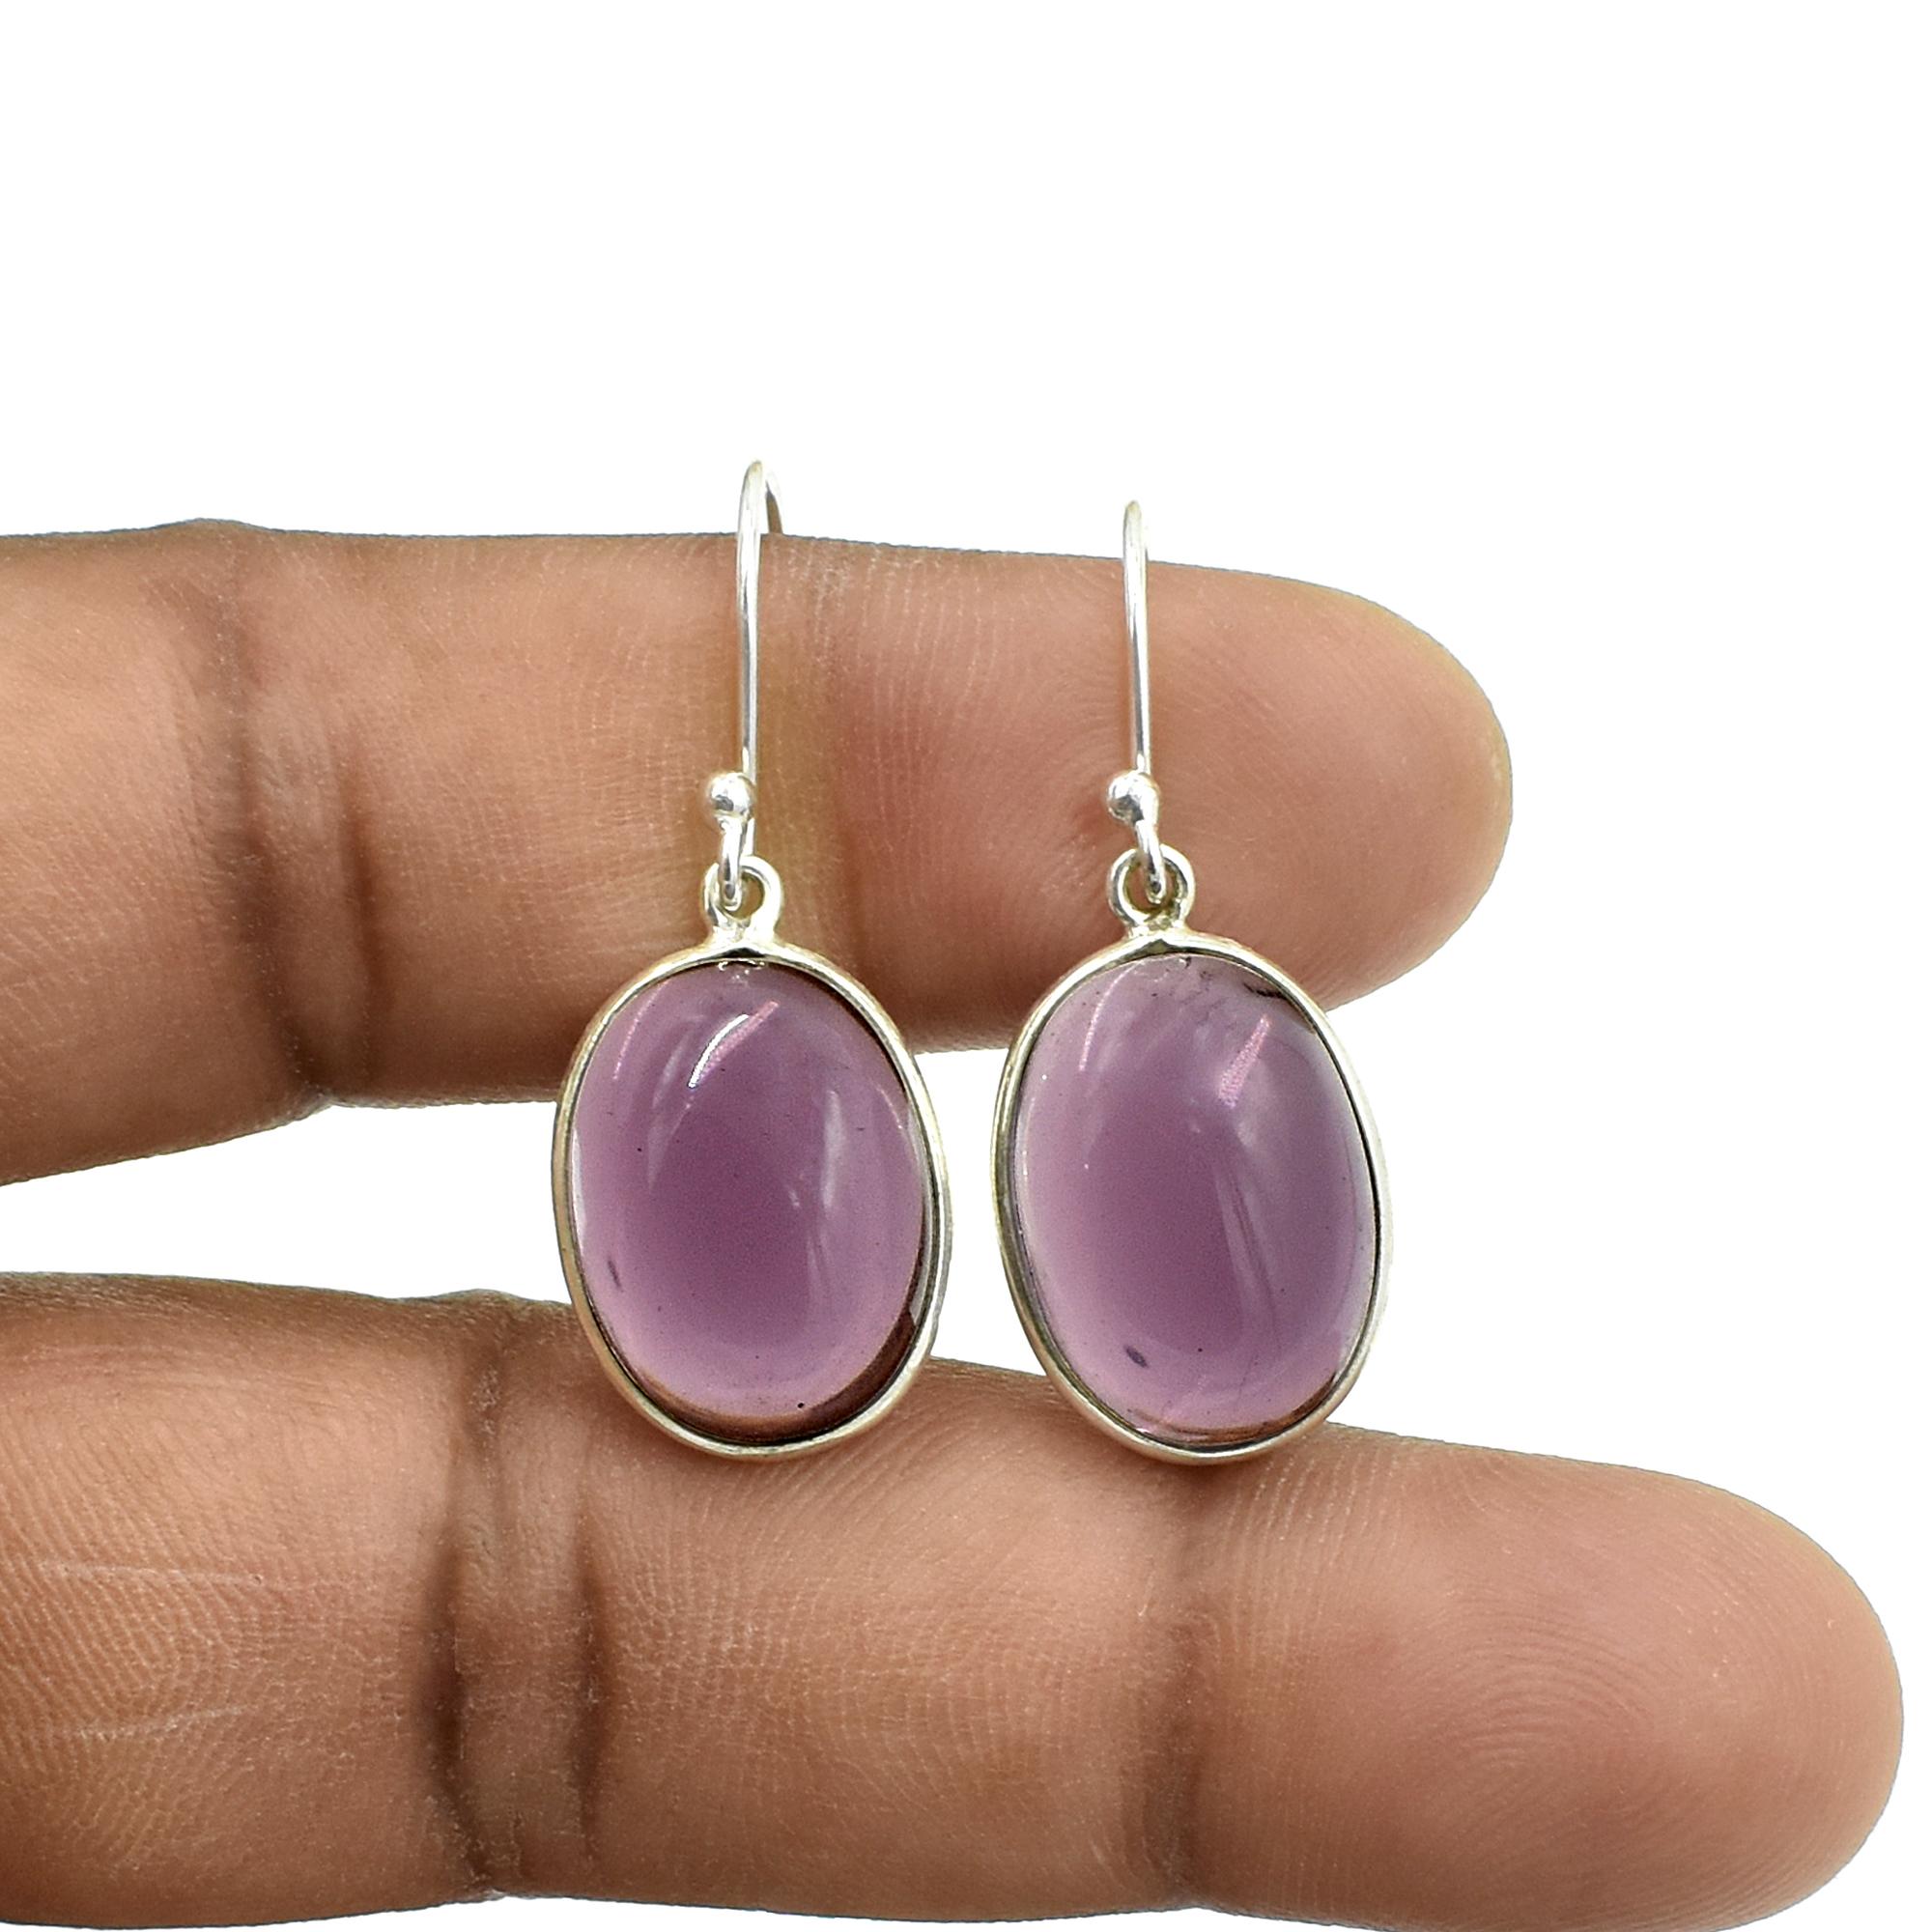 Purple Amethyst Quartz Oval Shape Gemstone Earring 925 Sterling Silver Dangle Drop Fashion Earring